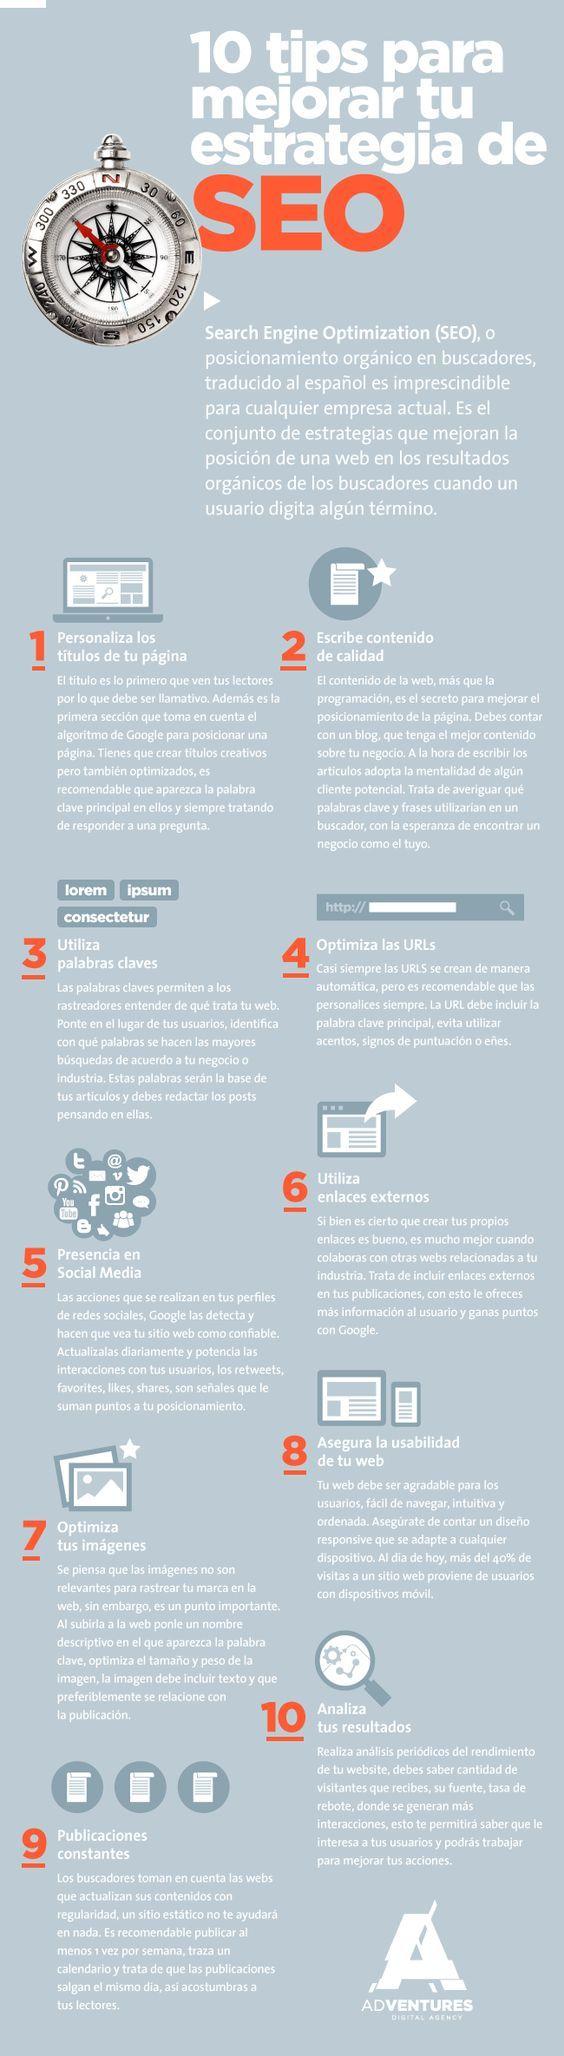 10 consejos para mejorar tu estrategia SEO [Infografía] | TreceBits